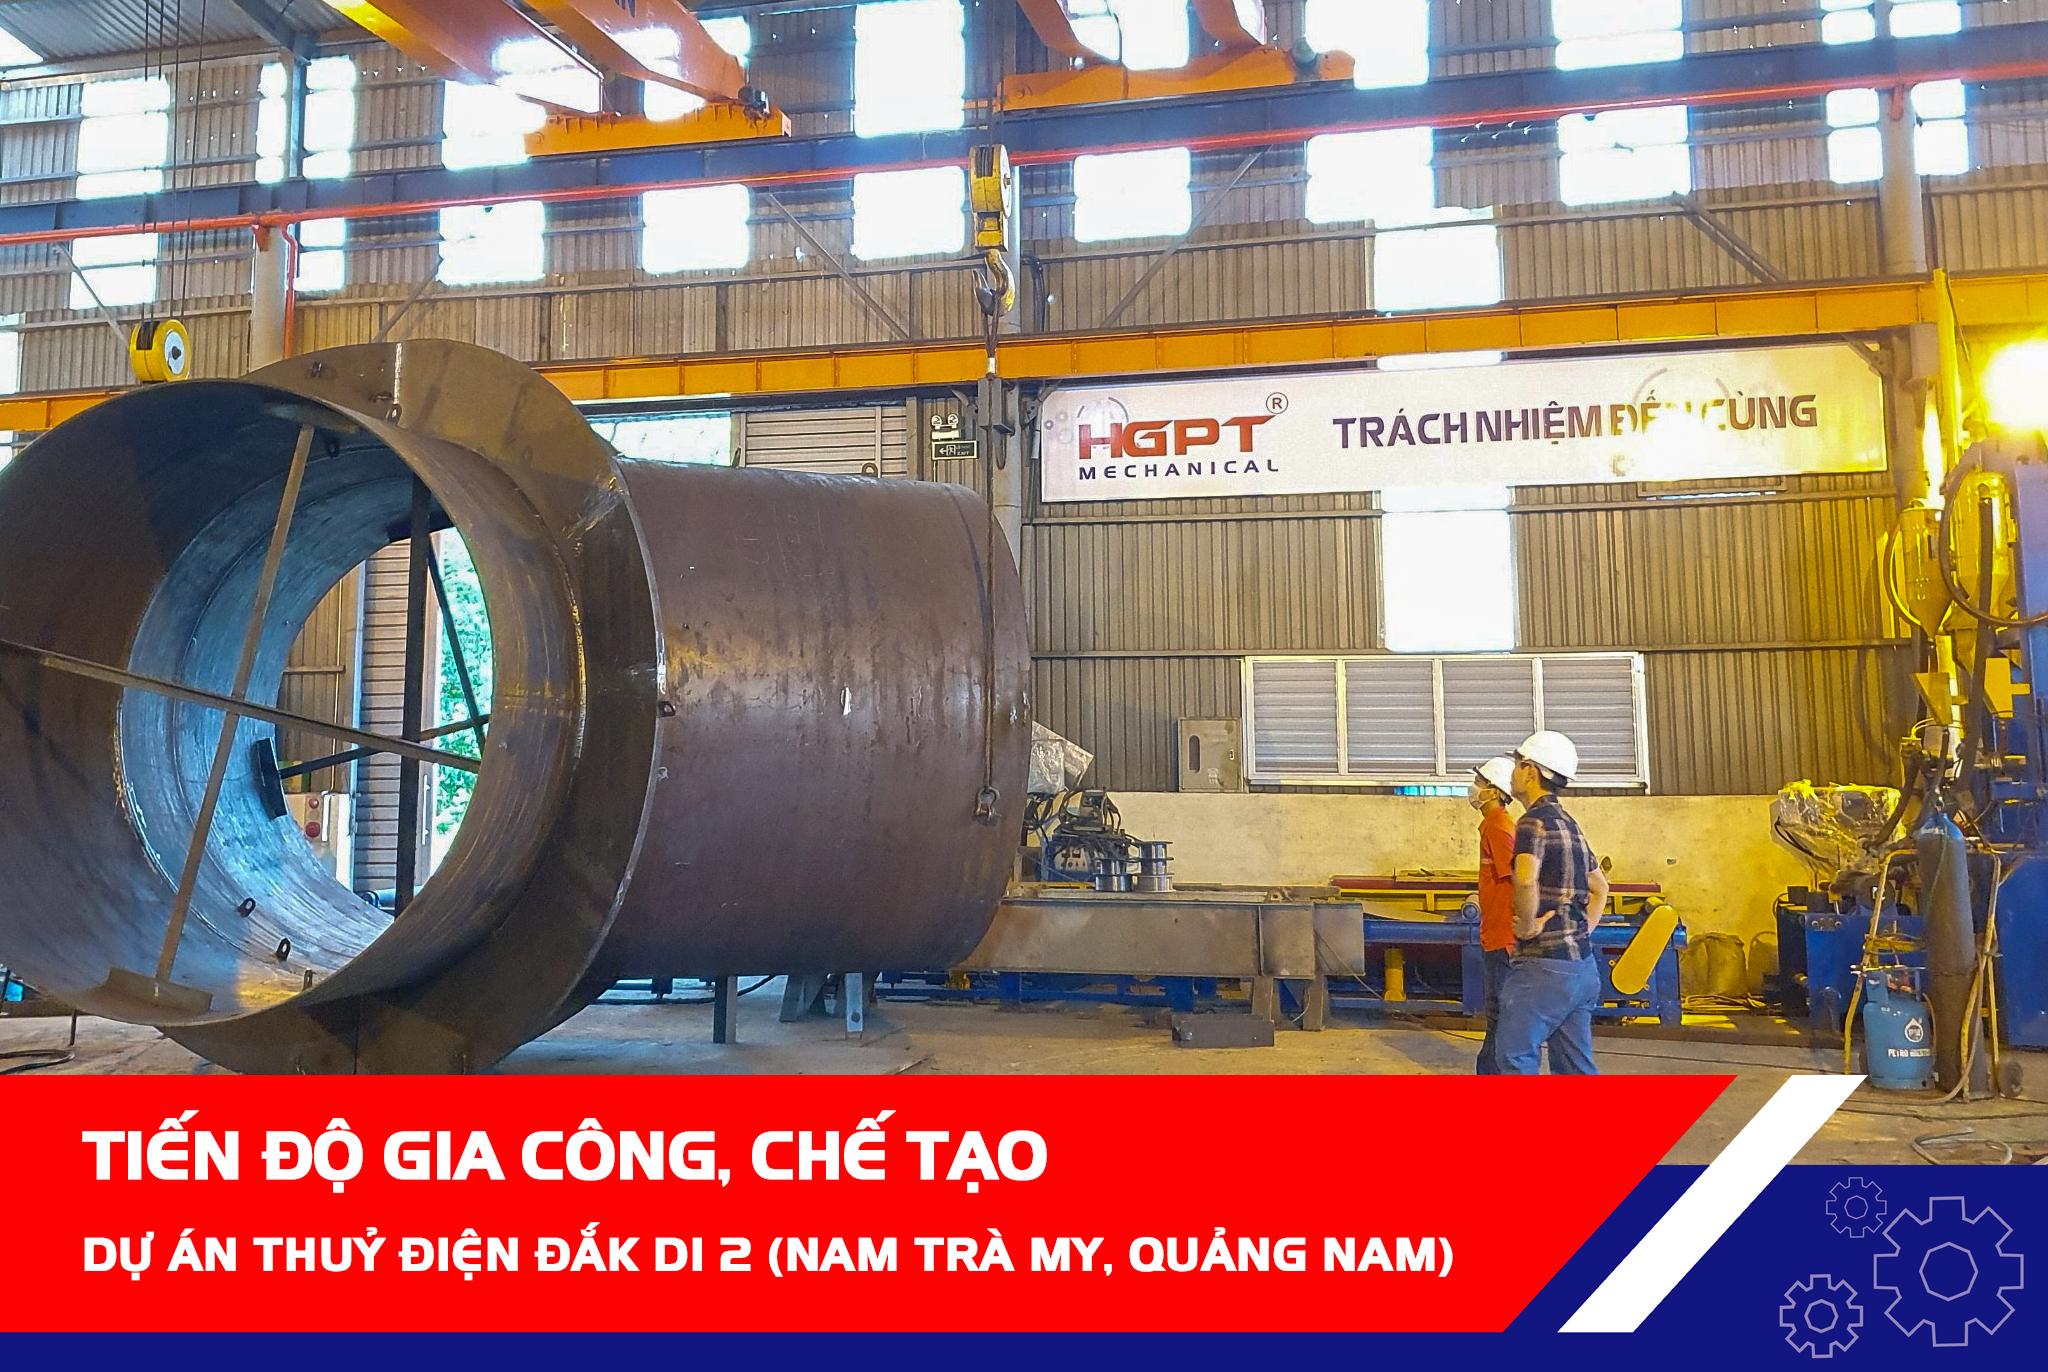 Tiến độ chế tạo thiết bị cơ khí thuỷ công – Dự án Thuỷ điện Đắk Di 2